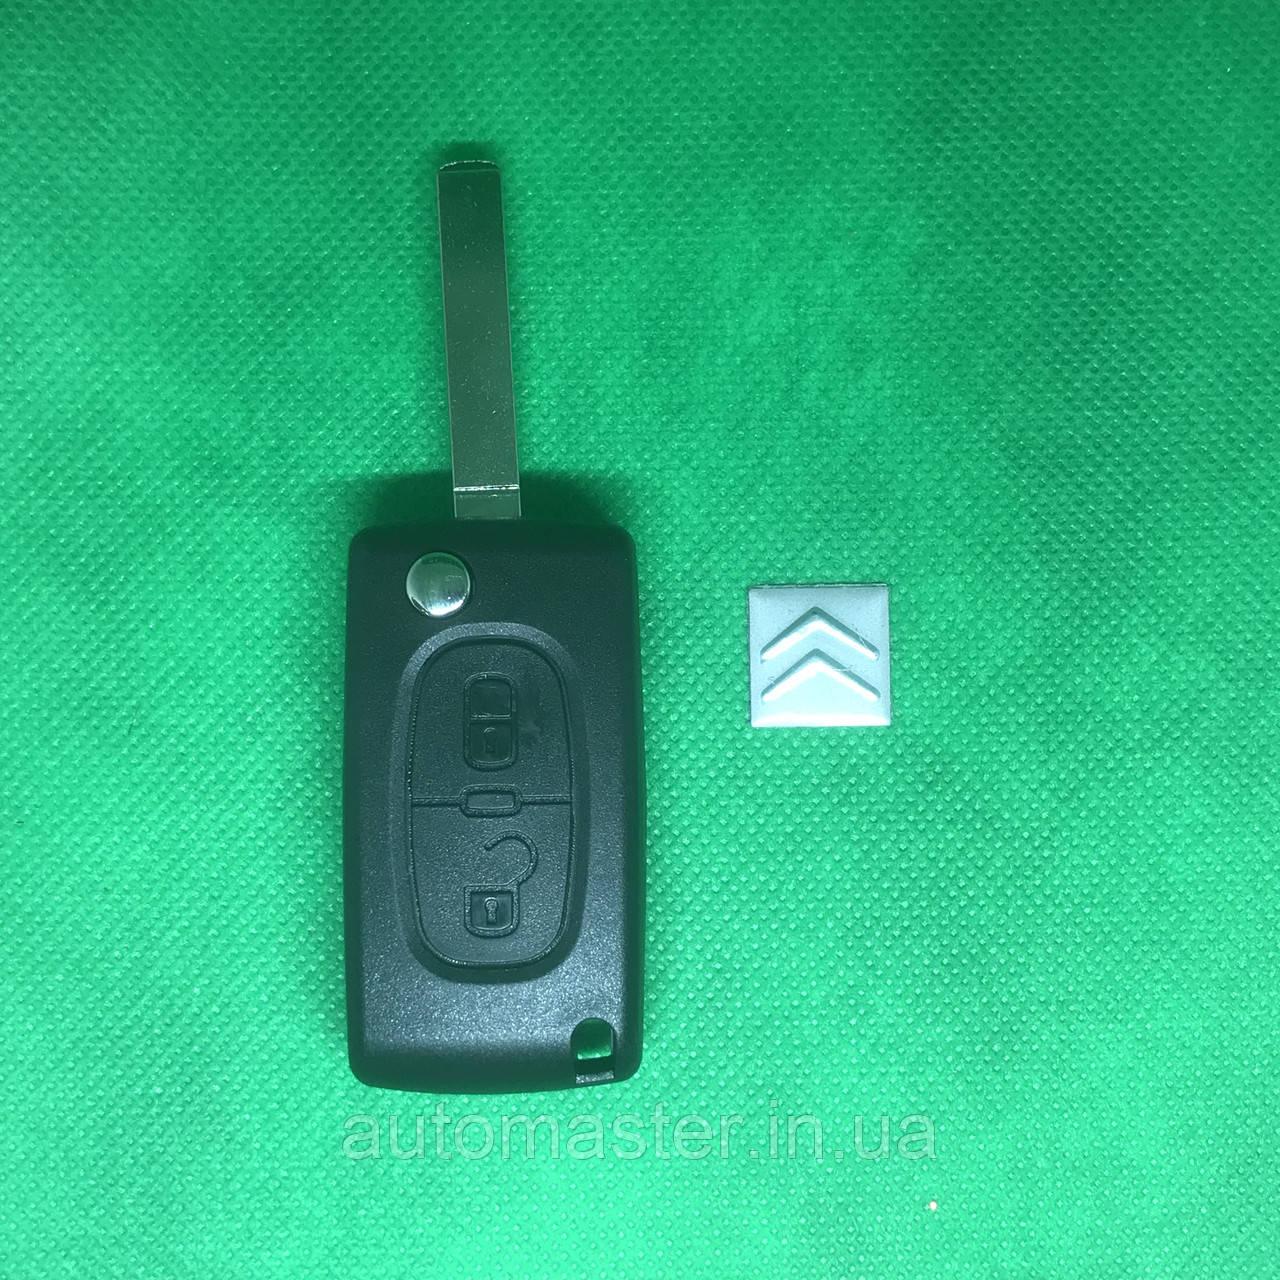 Выкидной ключ на Citroen C1, C2, С3, С4, Berlingo (Ситроен Берлинго) 2 кнопки, ID46 (7941) 433MHZ (ASK)